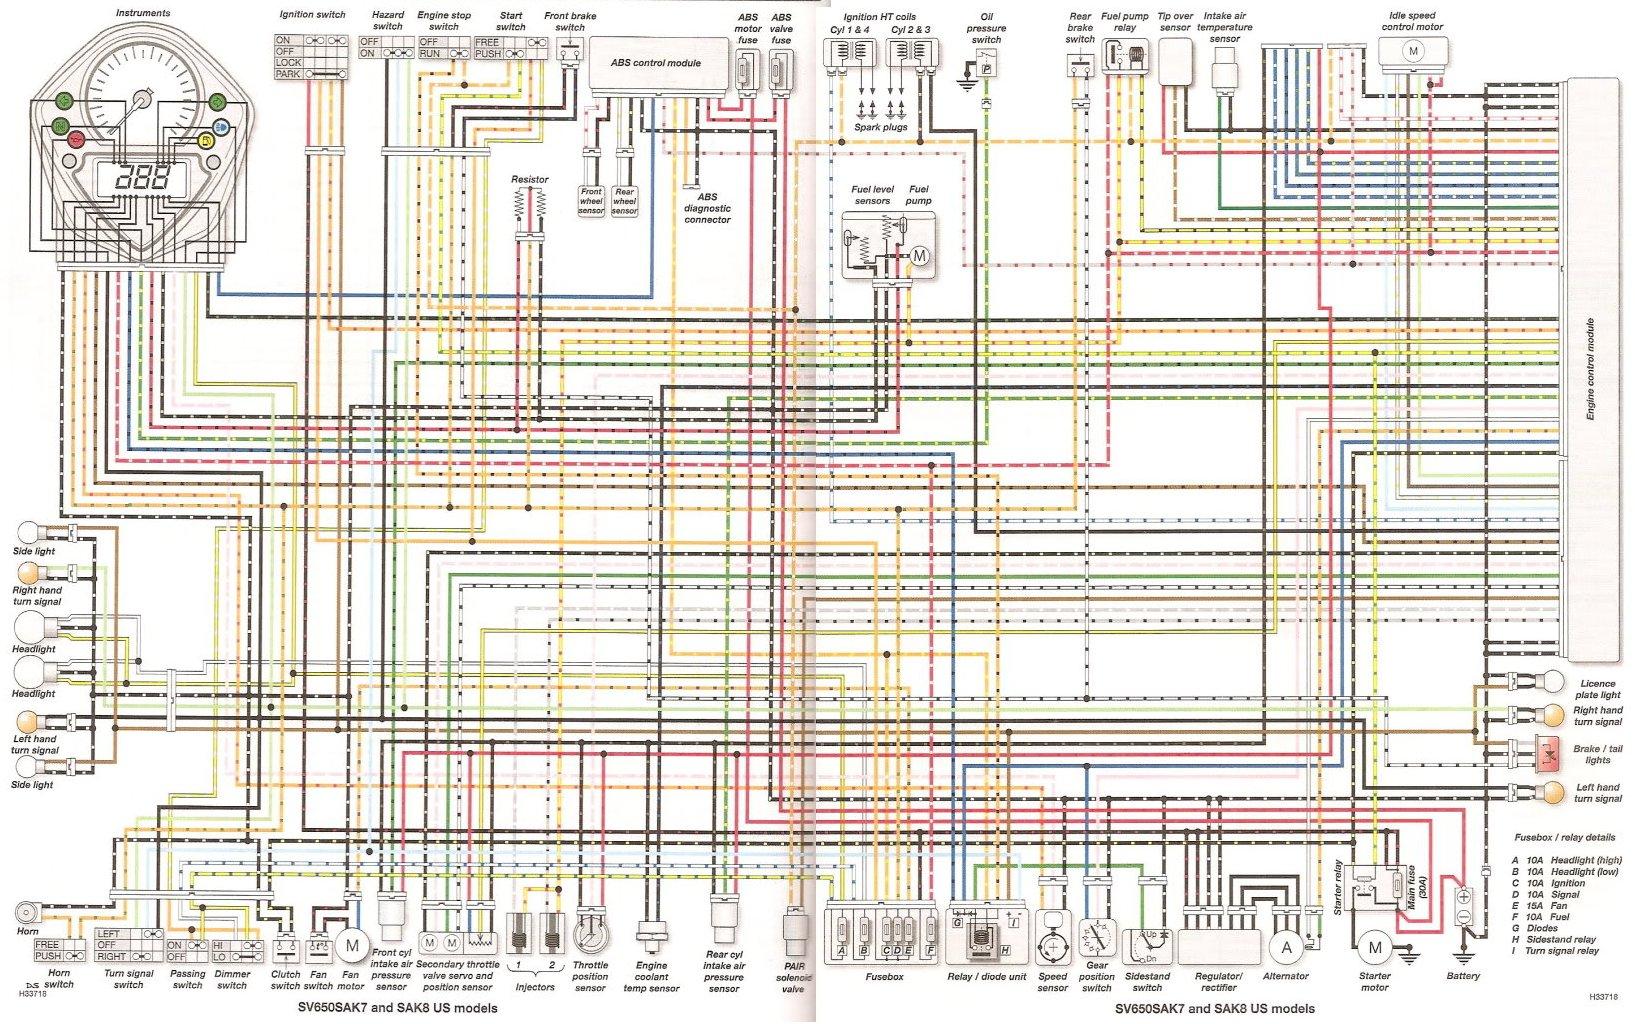 hight resolution of 2005 cbr600rr wiring diagram 28 wiring diagram images 2005 honda cbr600rr headlight wiring diagram 2005 honda